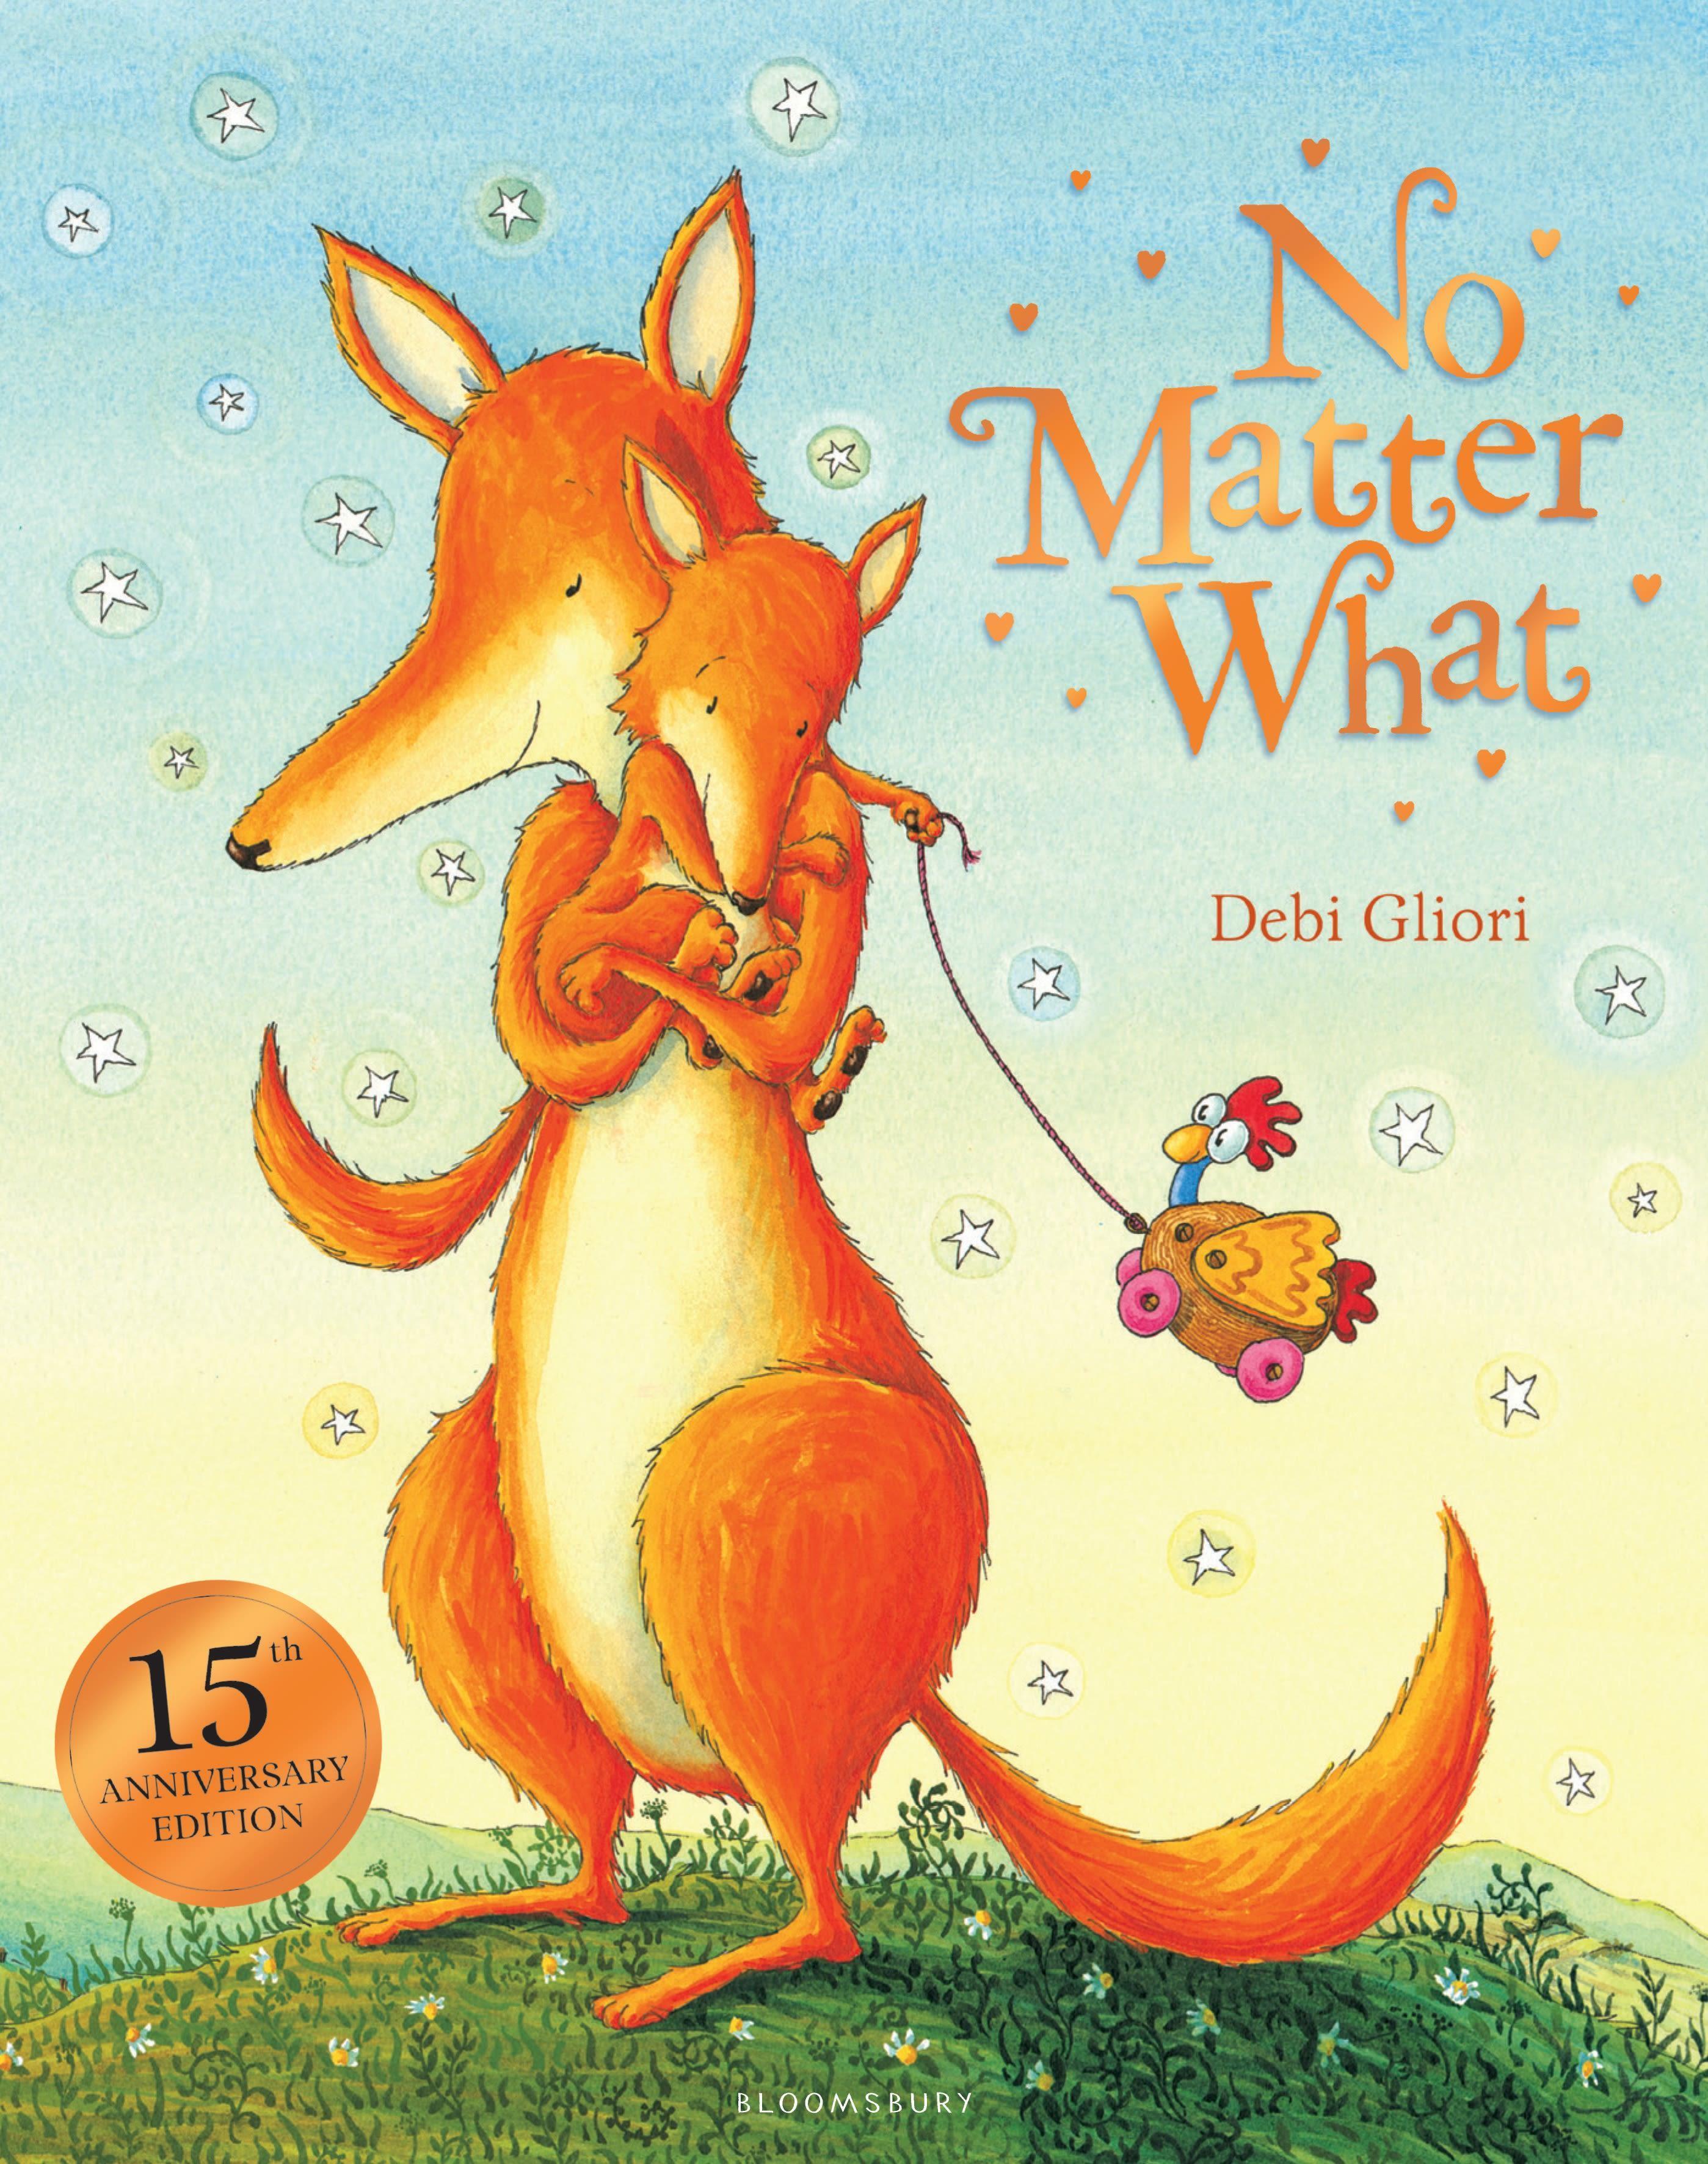 No-Matter-What-Debi-Gliori